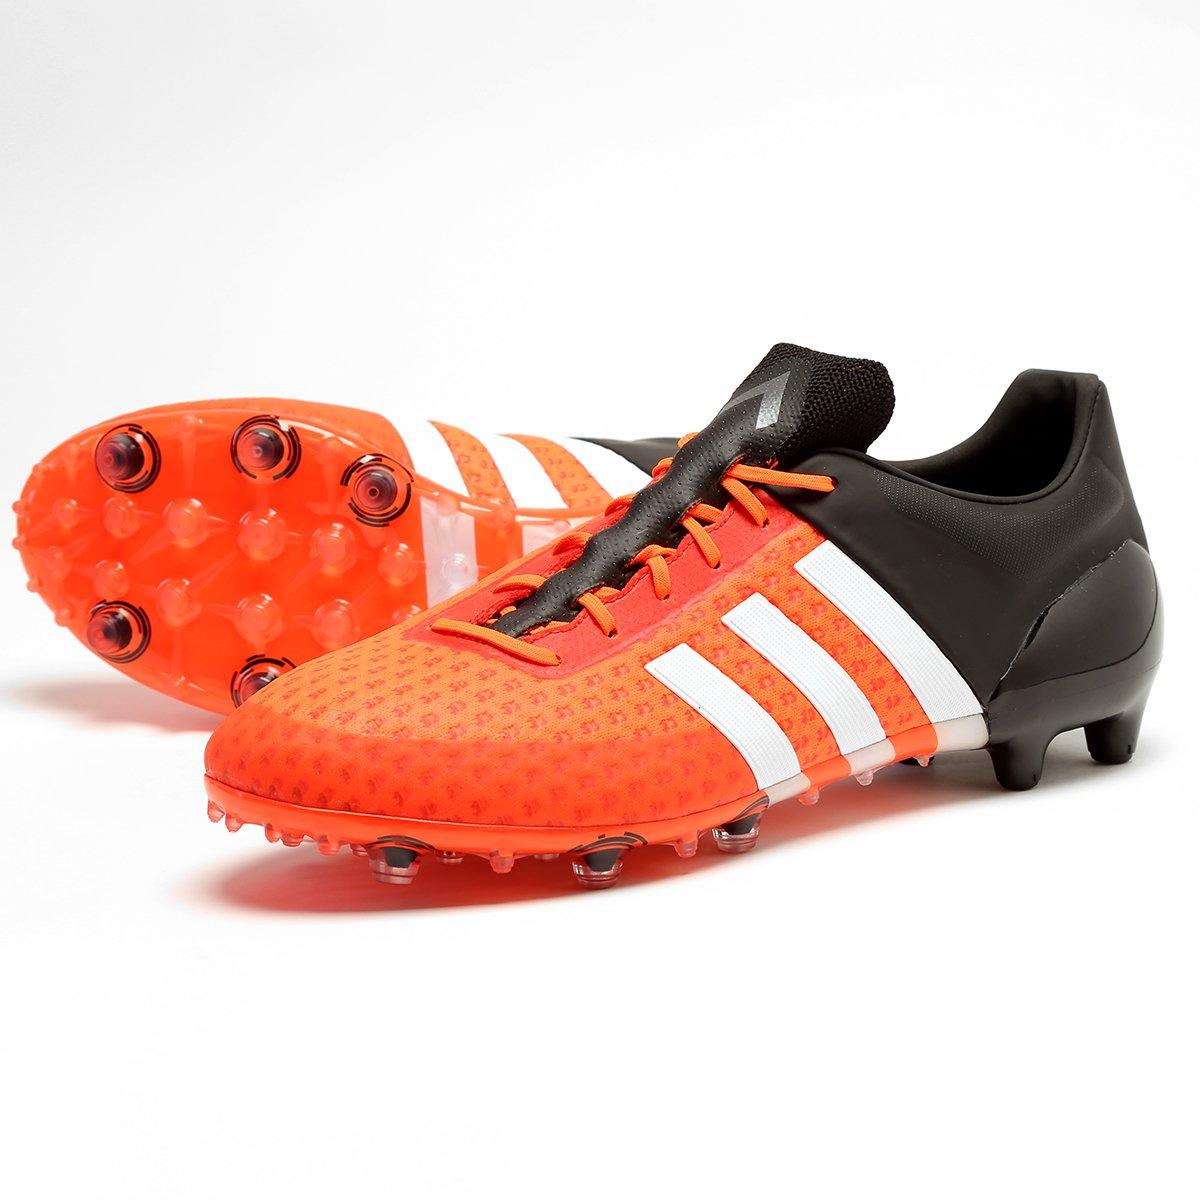 Chuteira Adidas Ace 15.1 Primeknit FG Campo - Compre Agora  c6ec2143749f8